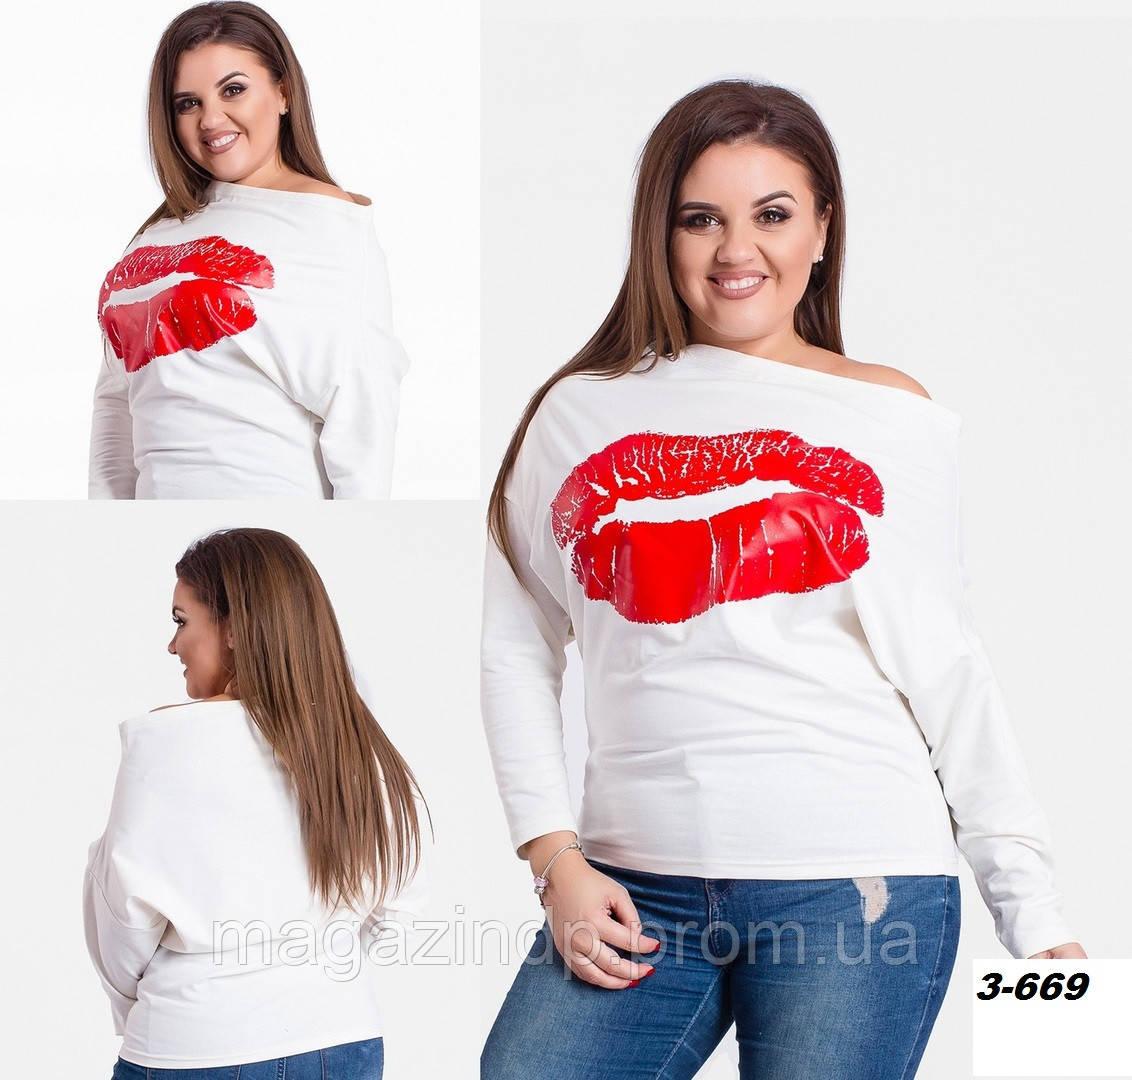 Туника женская на одно плечо 3-669 Ан Код:804599029